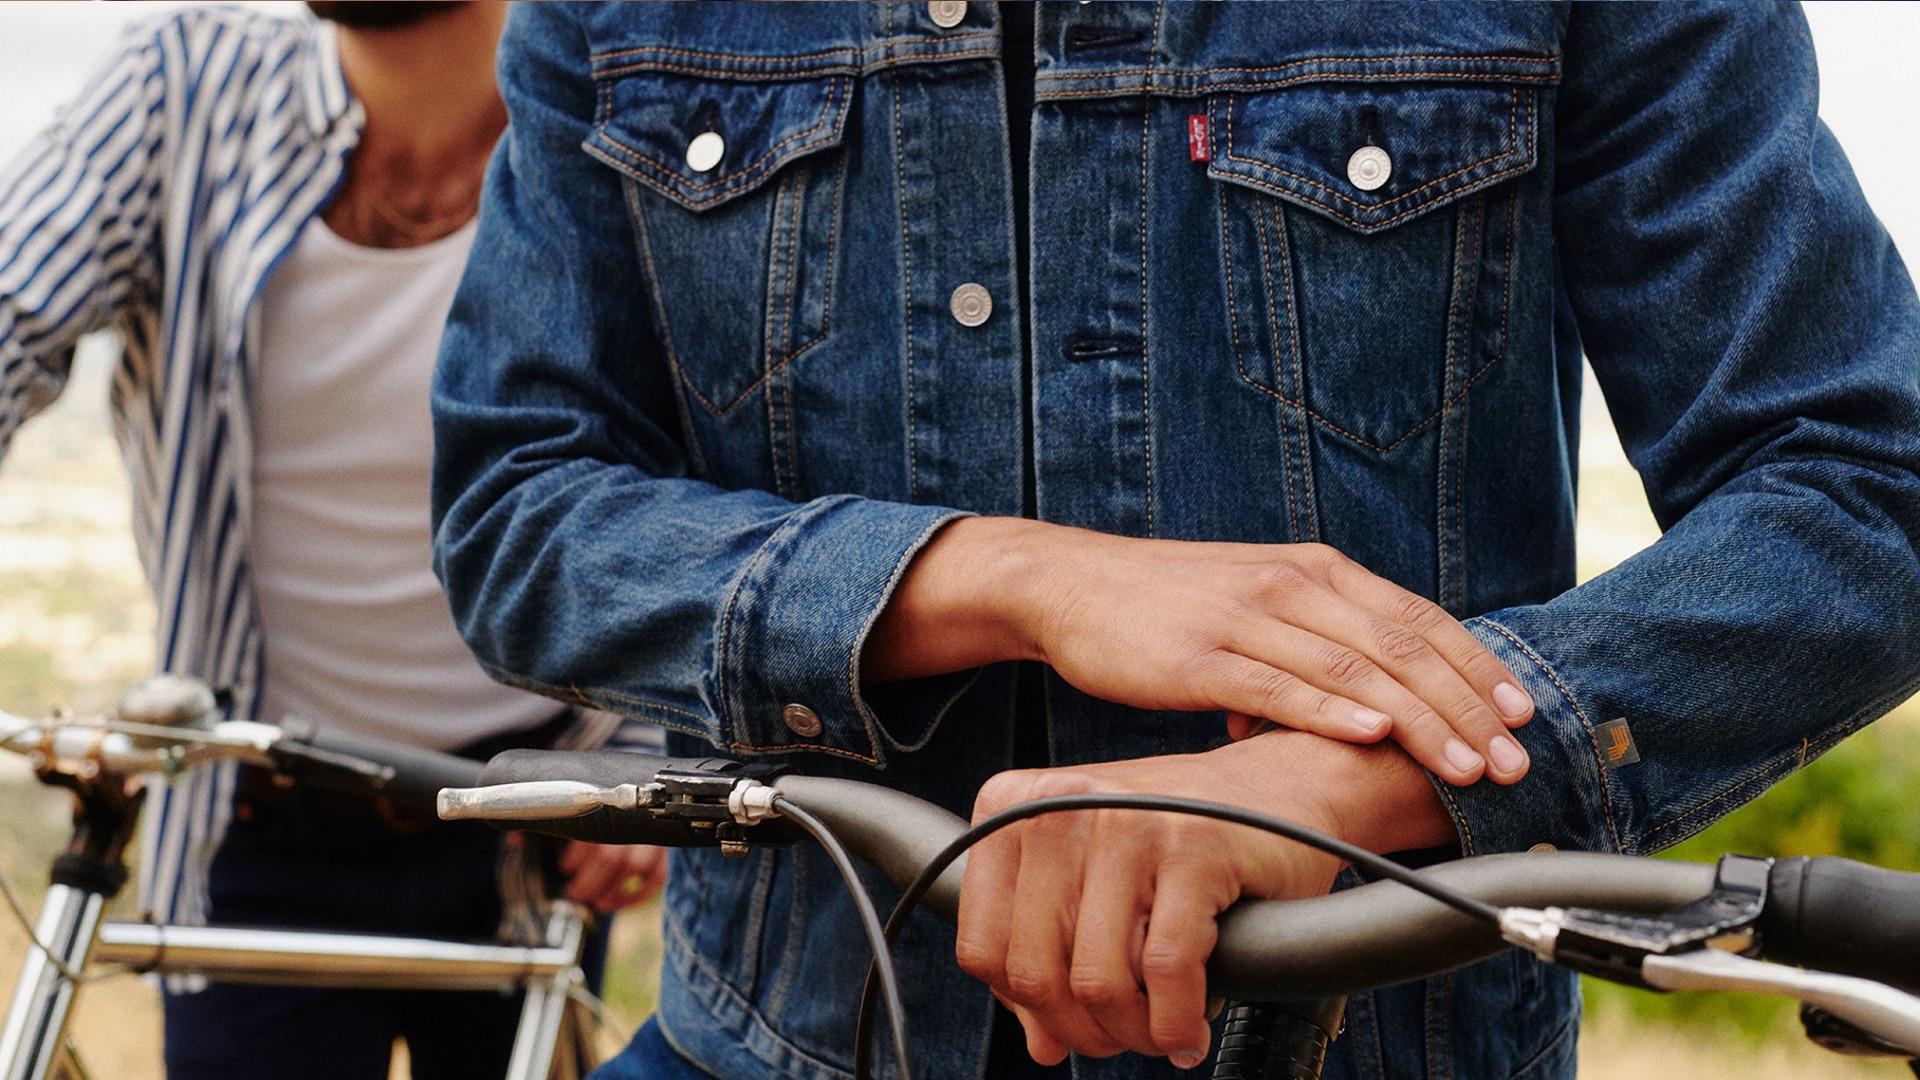 Technologie v módě. Google a Levi's vytvořili džínovou bundu, se kterou lze  ovládat mobilní telefon - CzechCrunch